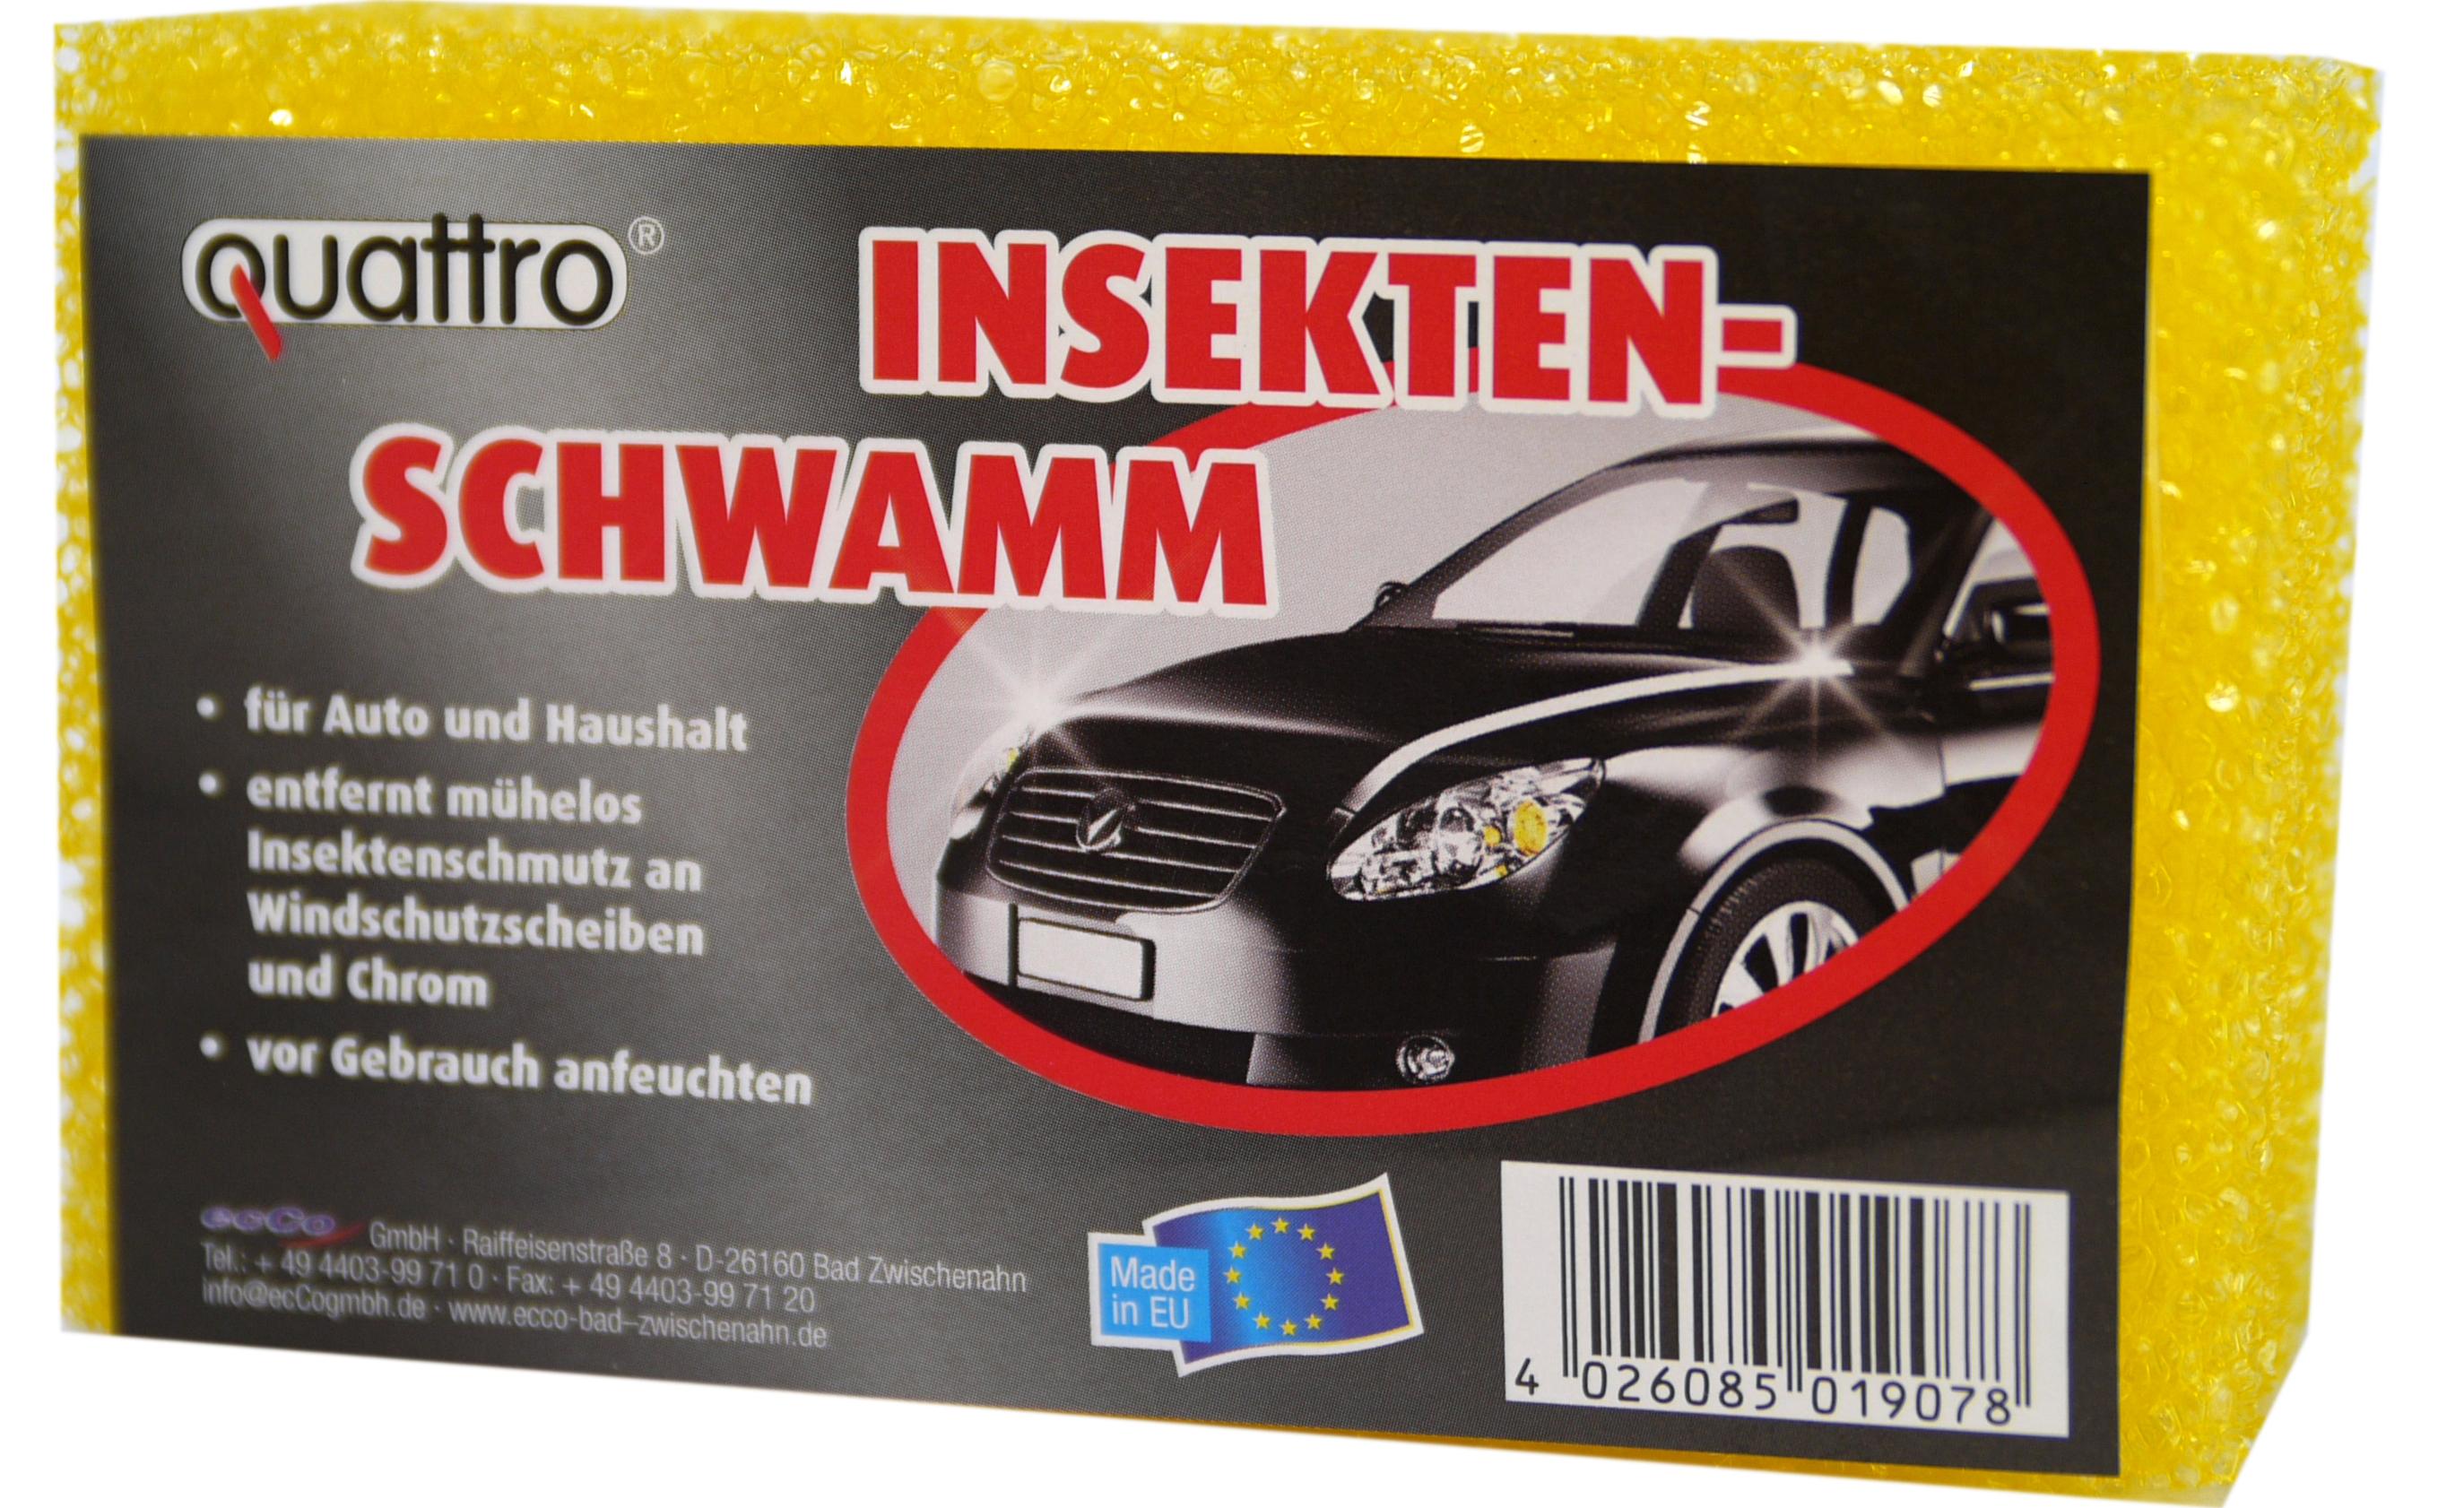 01907 - quattro Auto Insektenschwamm